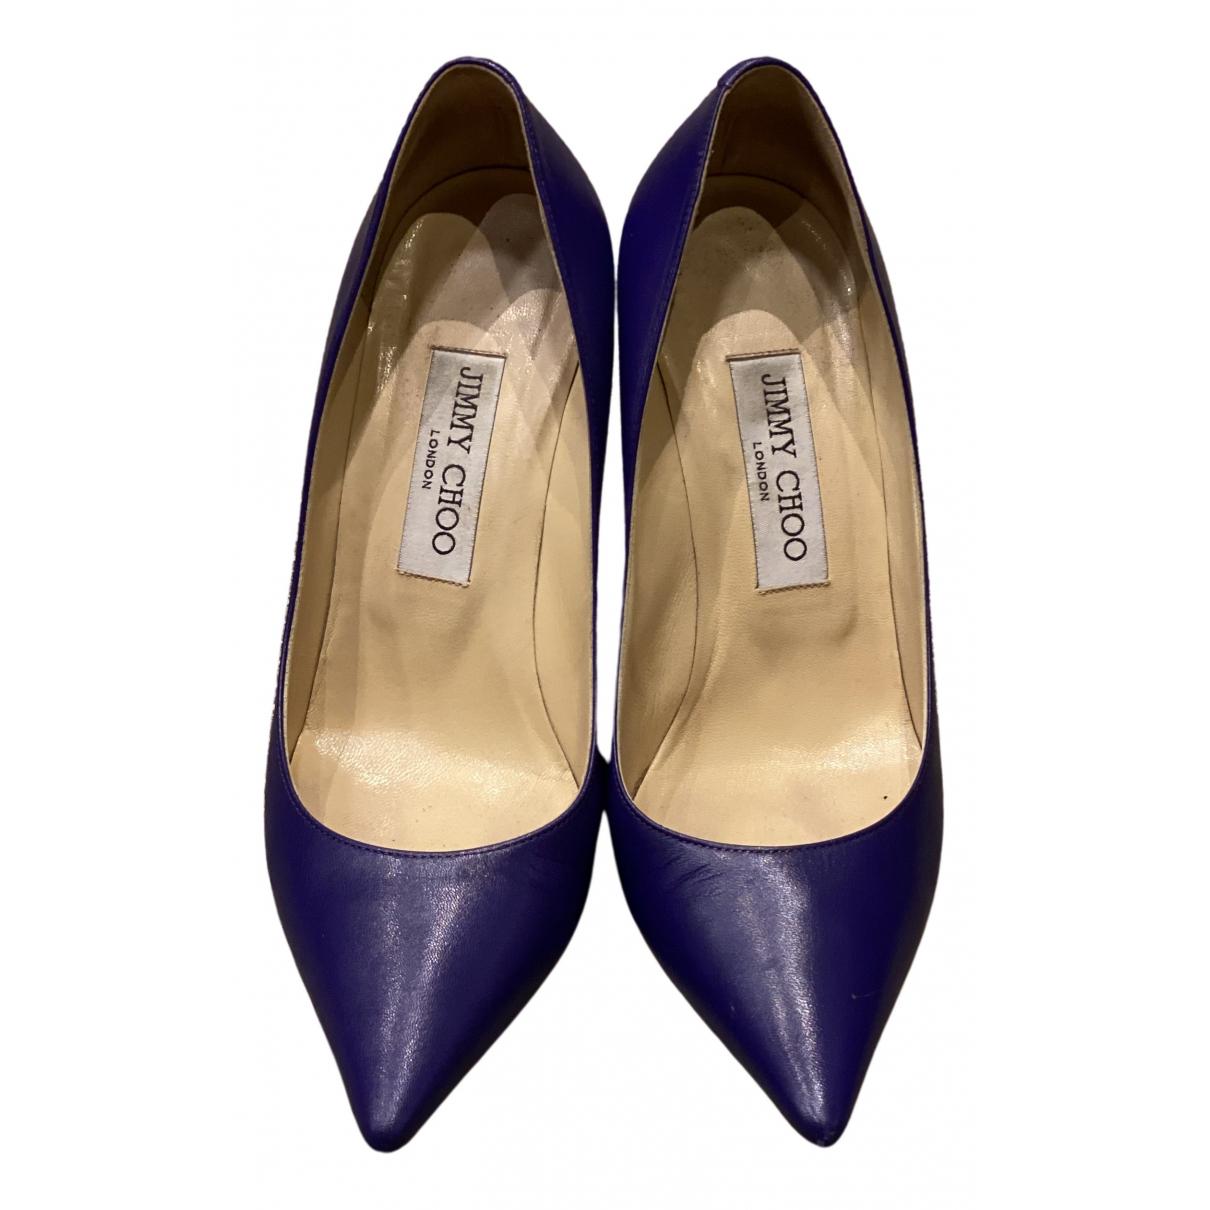 Jimmy Choo Anouk Purple Leather Heels for Women 37 EU